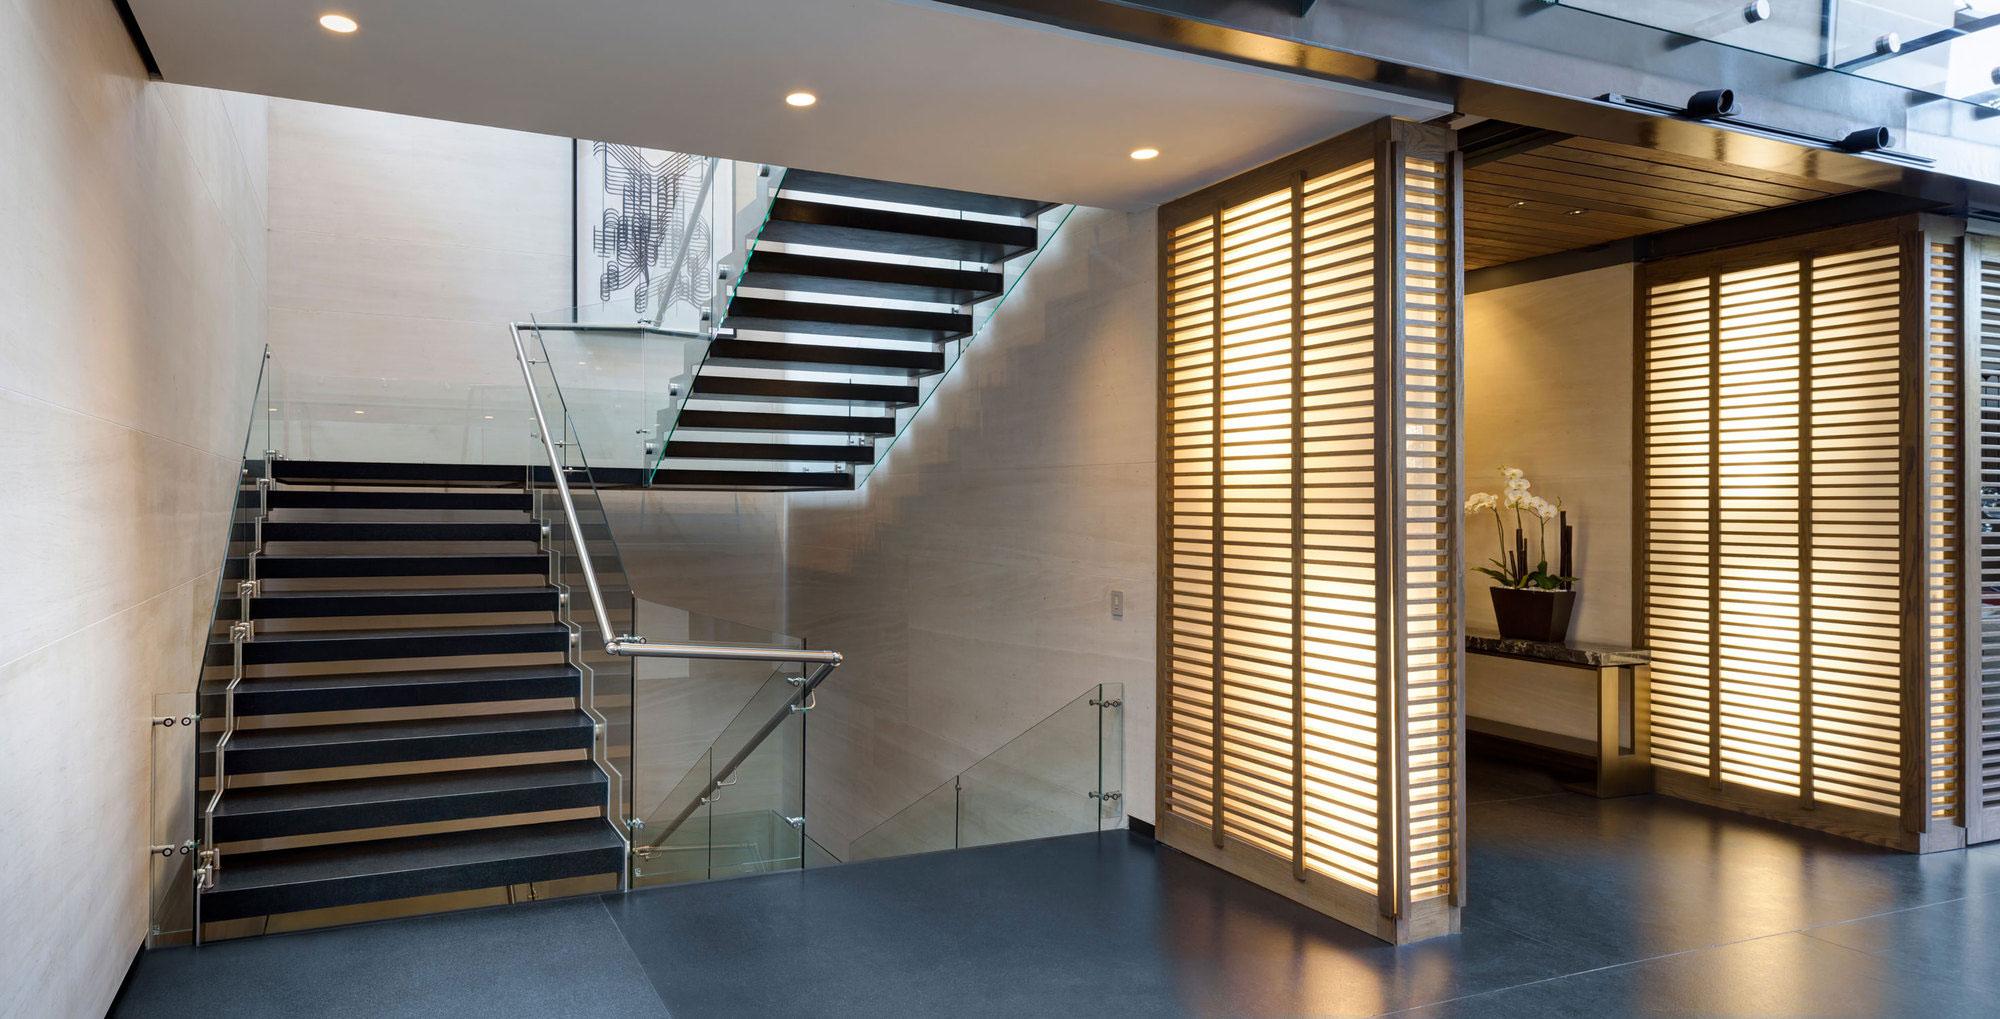 Dalias House grupoarquitectura-11